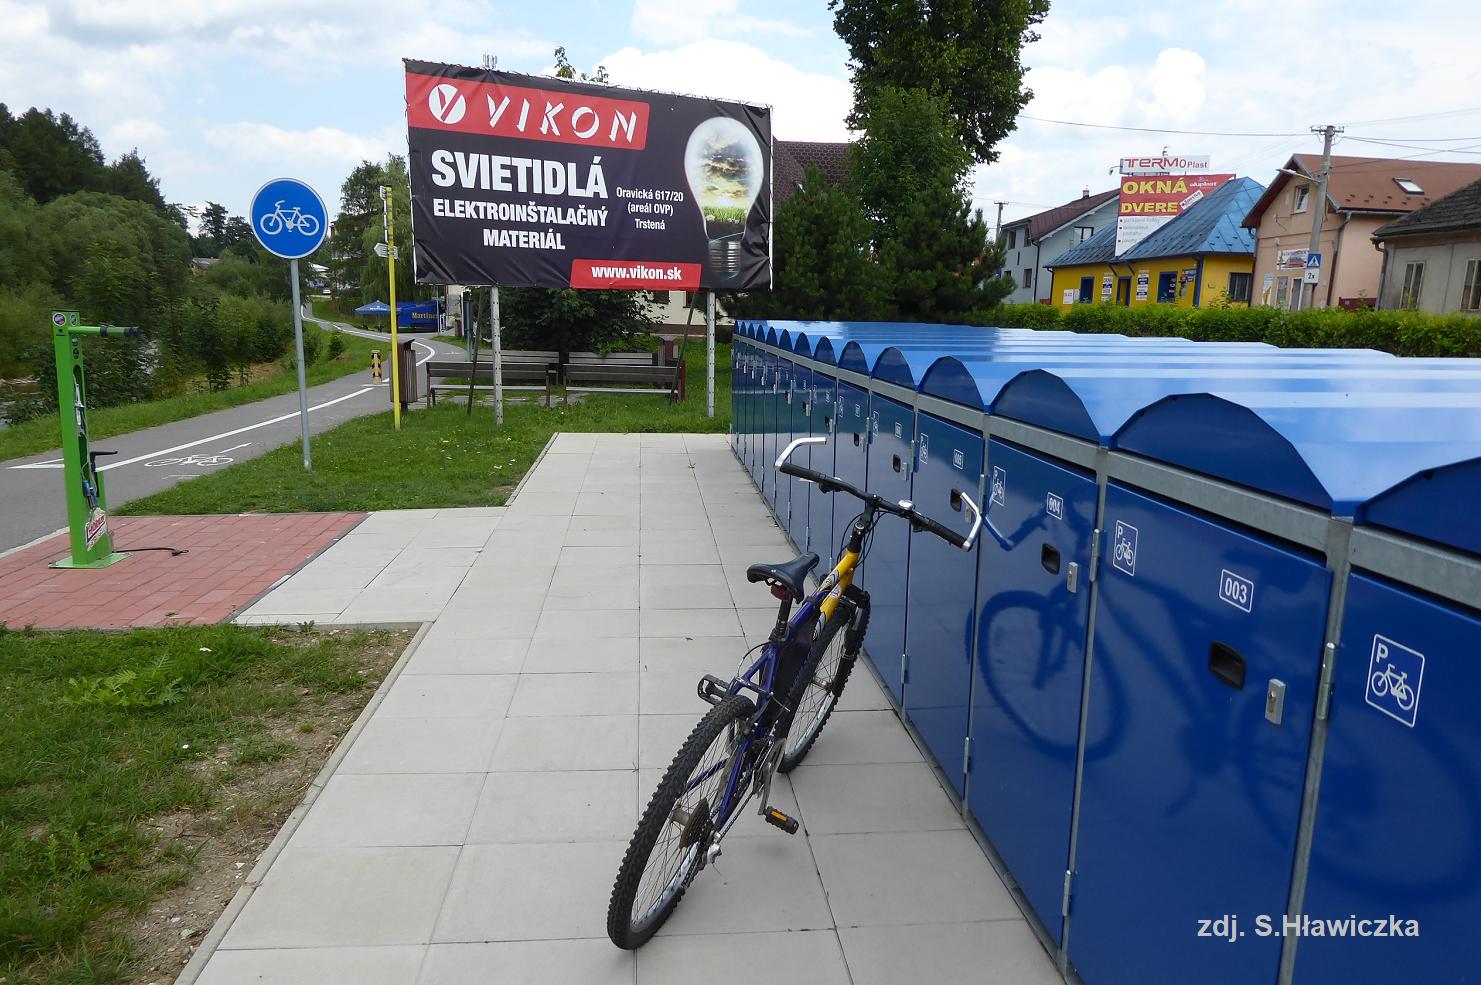 14-Trstena-Wok-Tatr-rowerempng